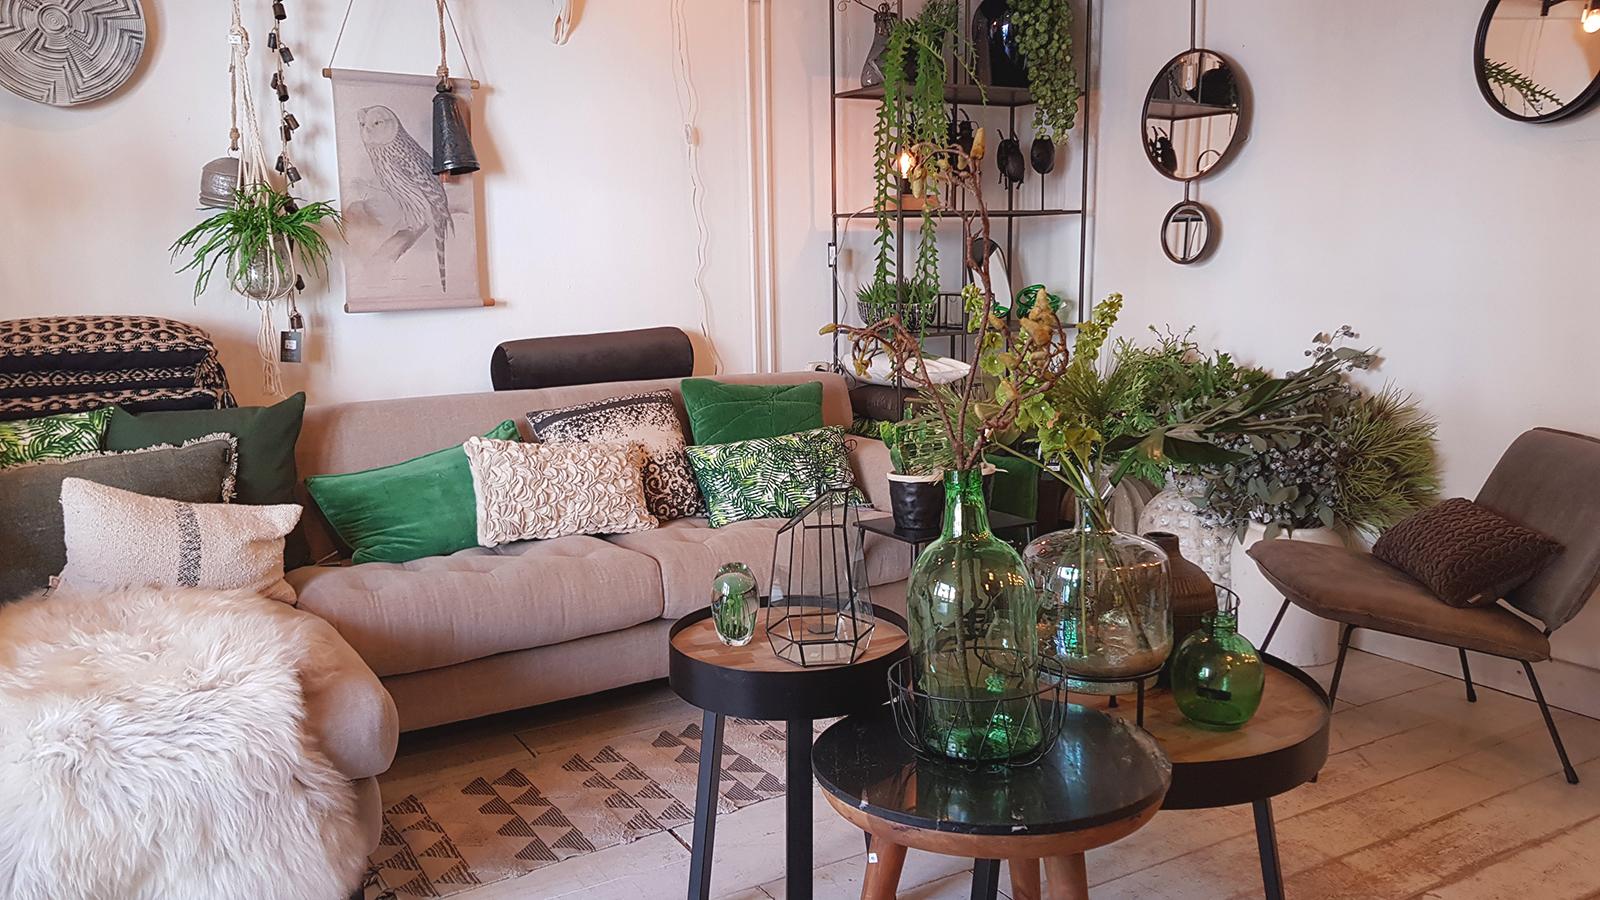 Woonwinkel Via Cannella in Cuijk